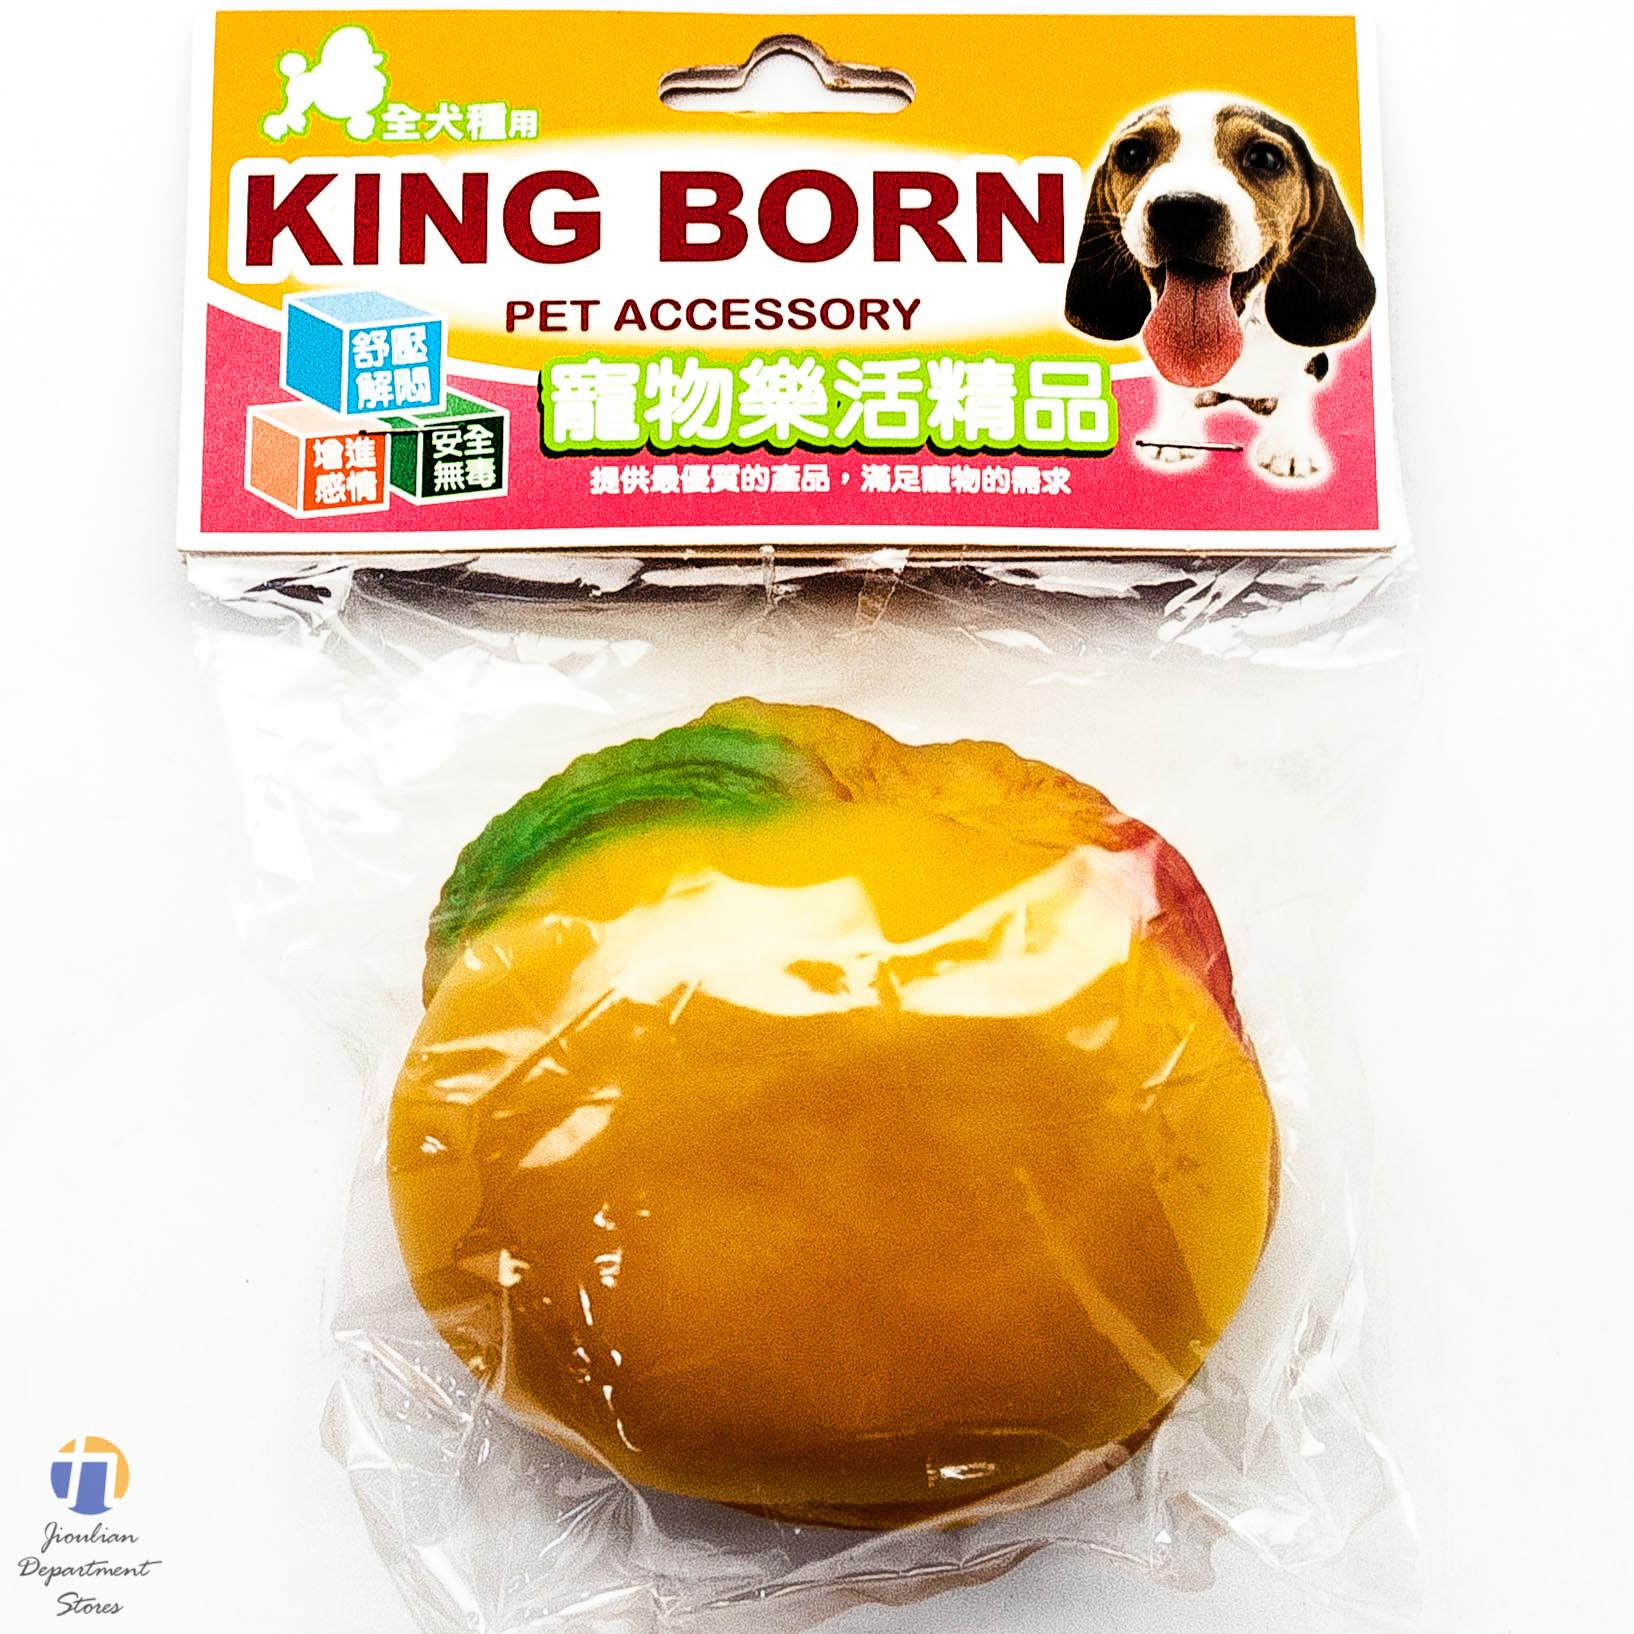 {九聯百貨} King Born (KB) 寵物樂活玩具 漢堡造型 1入 (KB-E-3209)